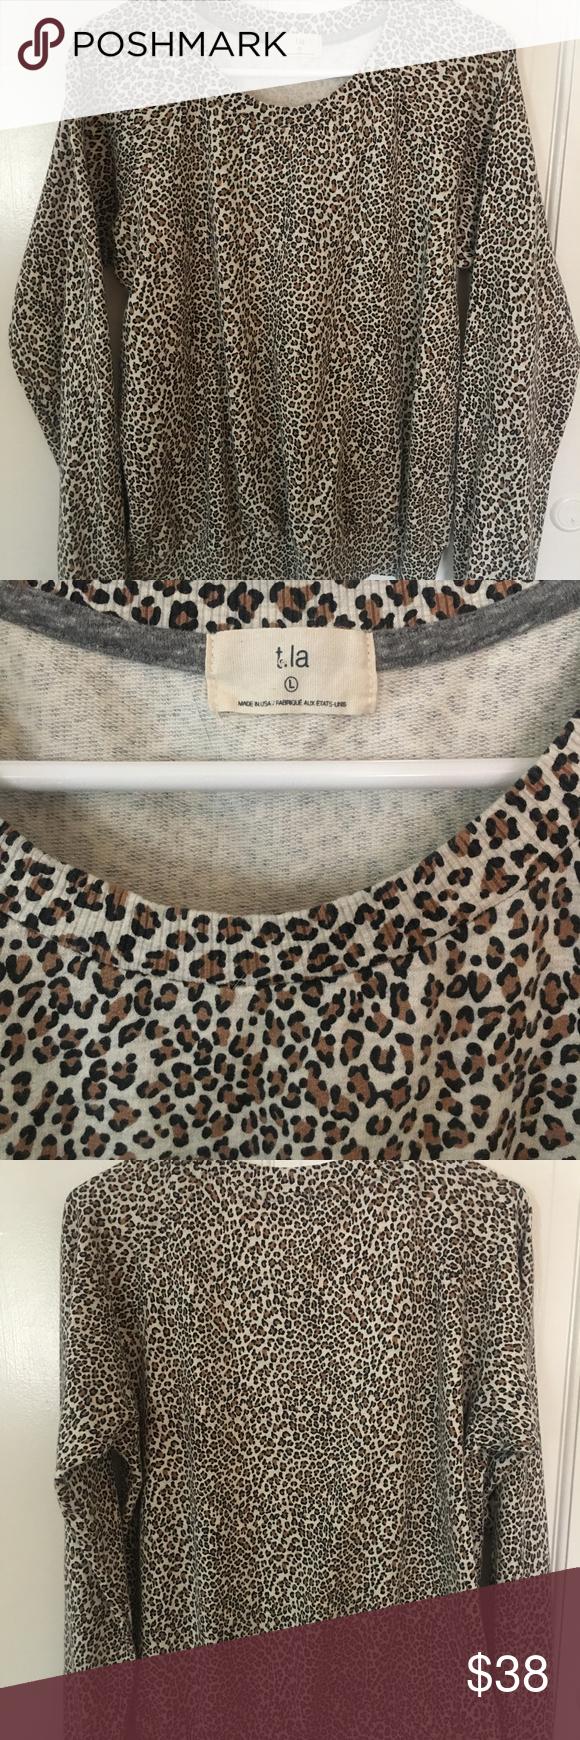 T La Leopard Print Sweatshirt Leopard Print Sweatshirt Printed Sweatshirts Crew Neck Sweatshirt [ 1740 x 580 Pixel ]